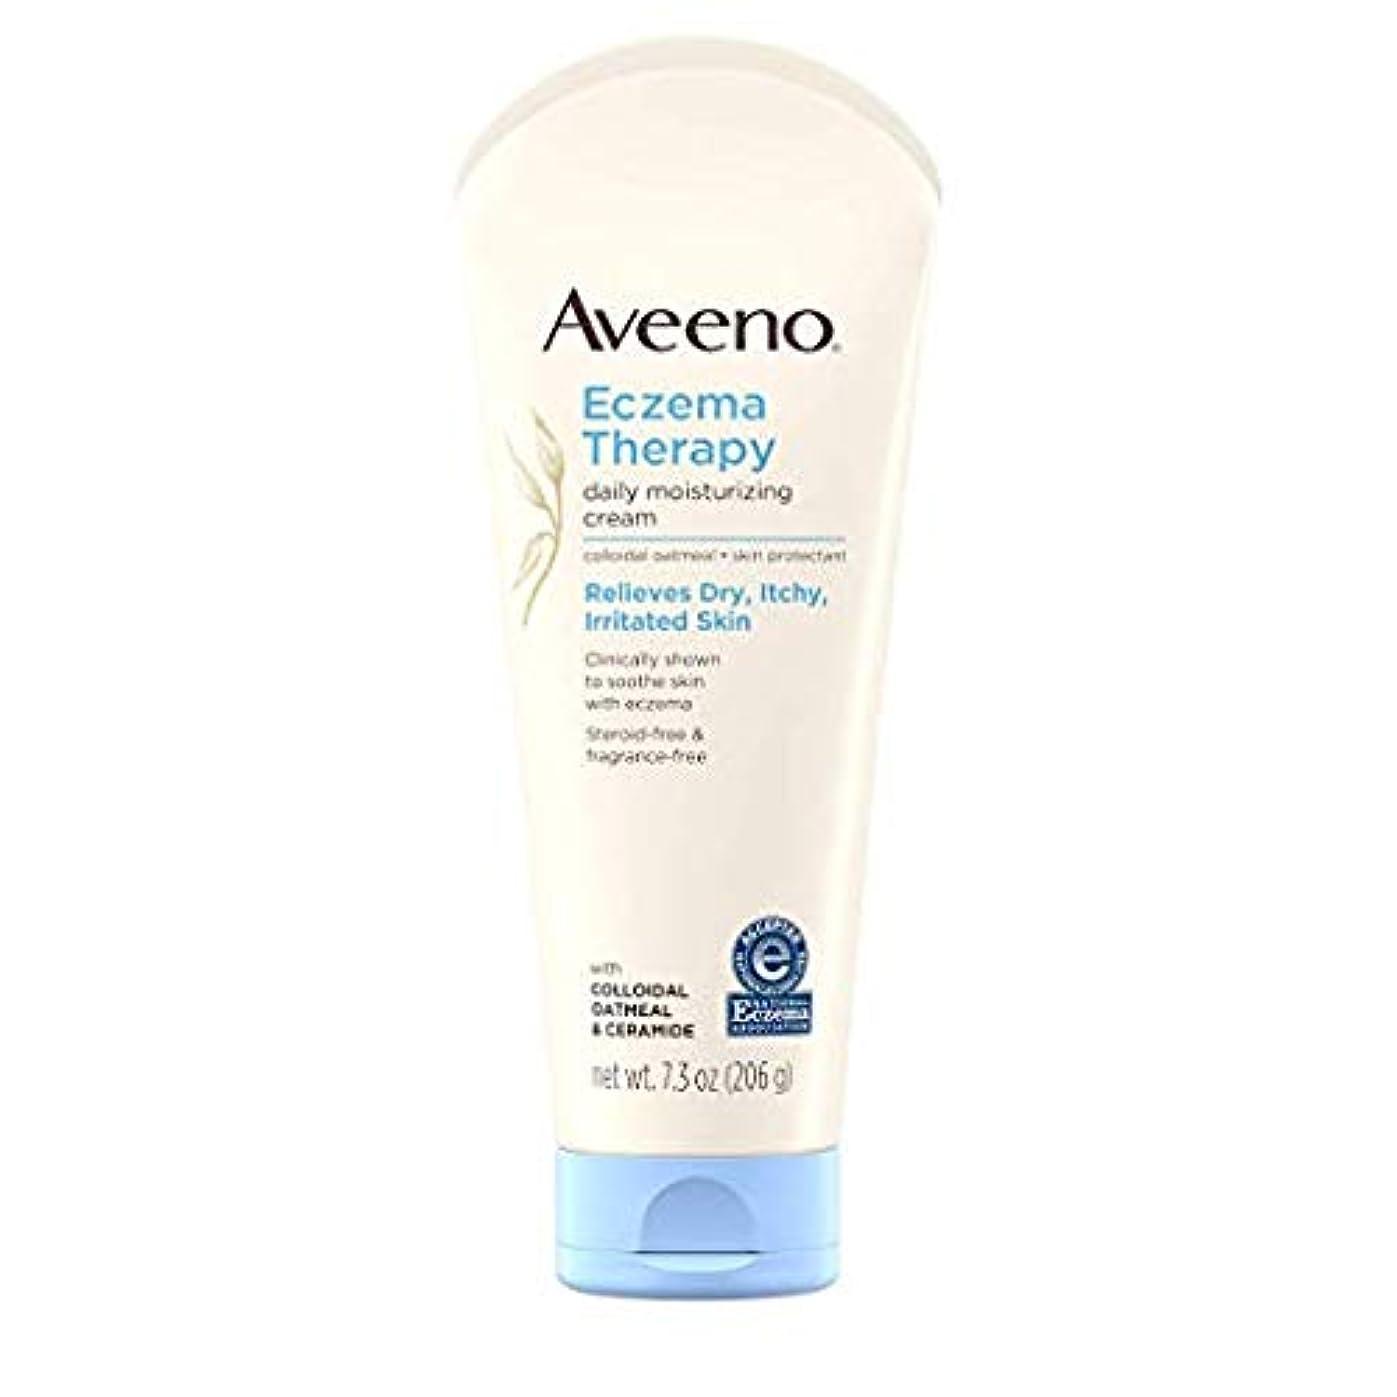 祈りランダム右Aveeno - Eczema Therapy Moisturizing Cream - 7.3 oz (206 g) アビーノ 保湿クリーム [並行輸入品]